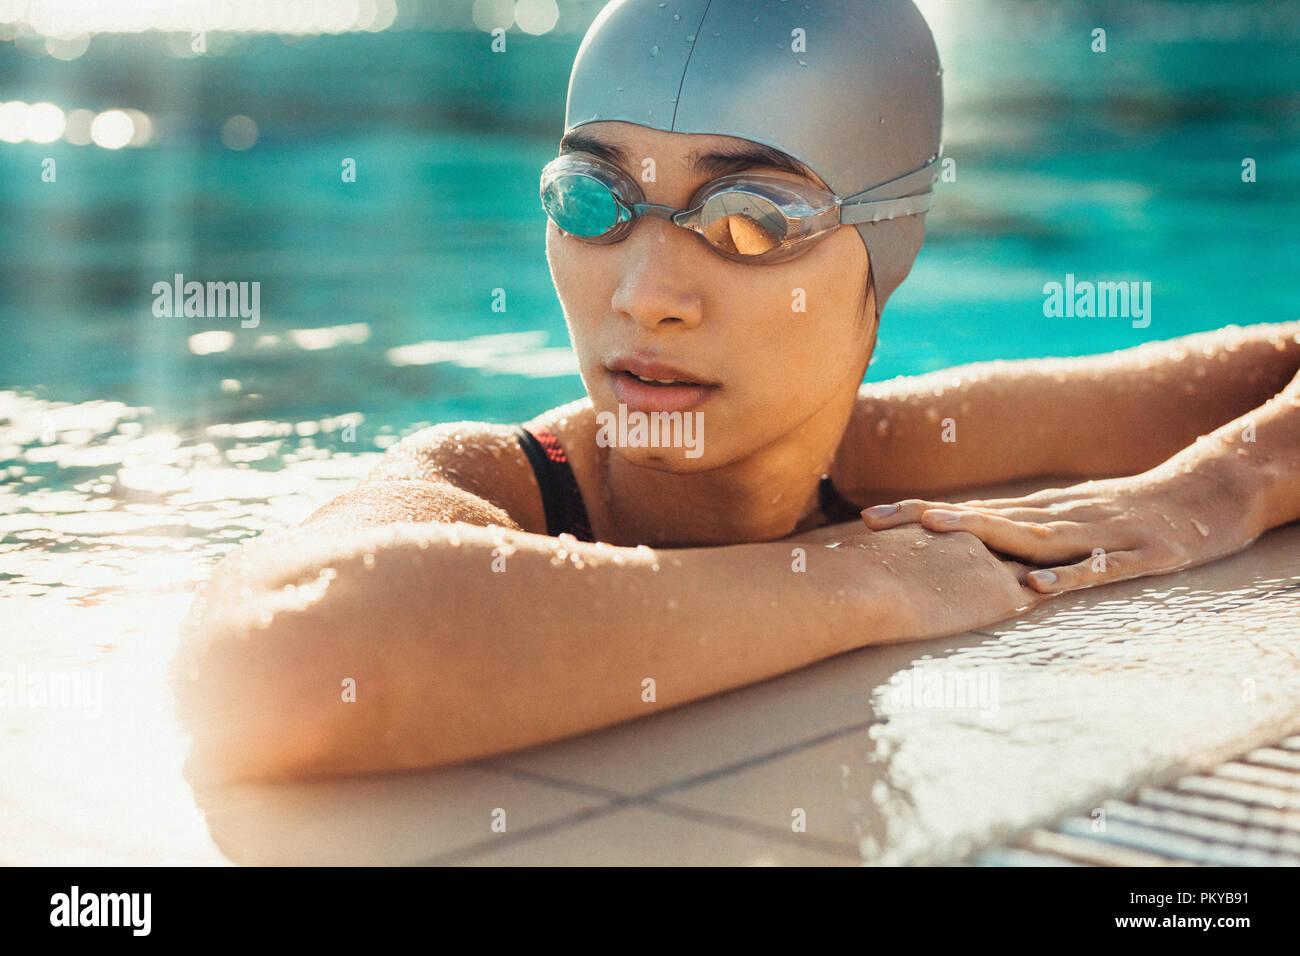 Caucasian Female Training In A Pool Stock Photos & Caucasian